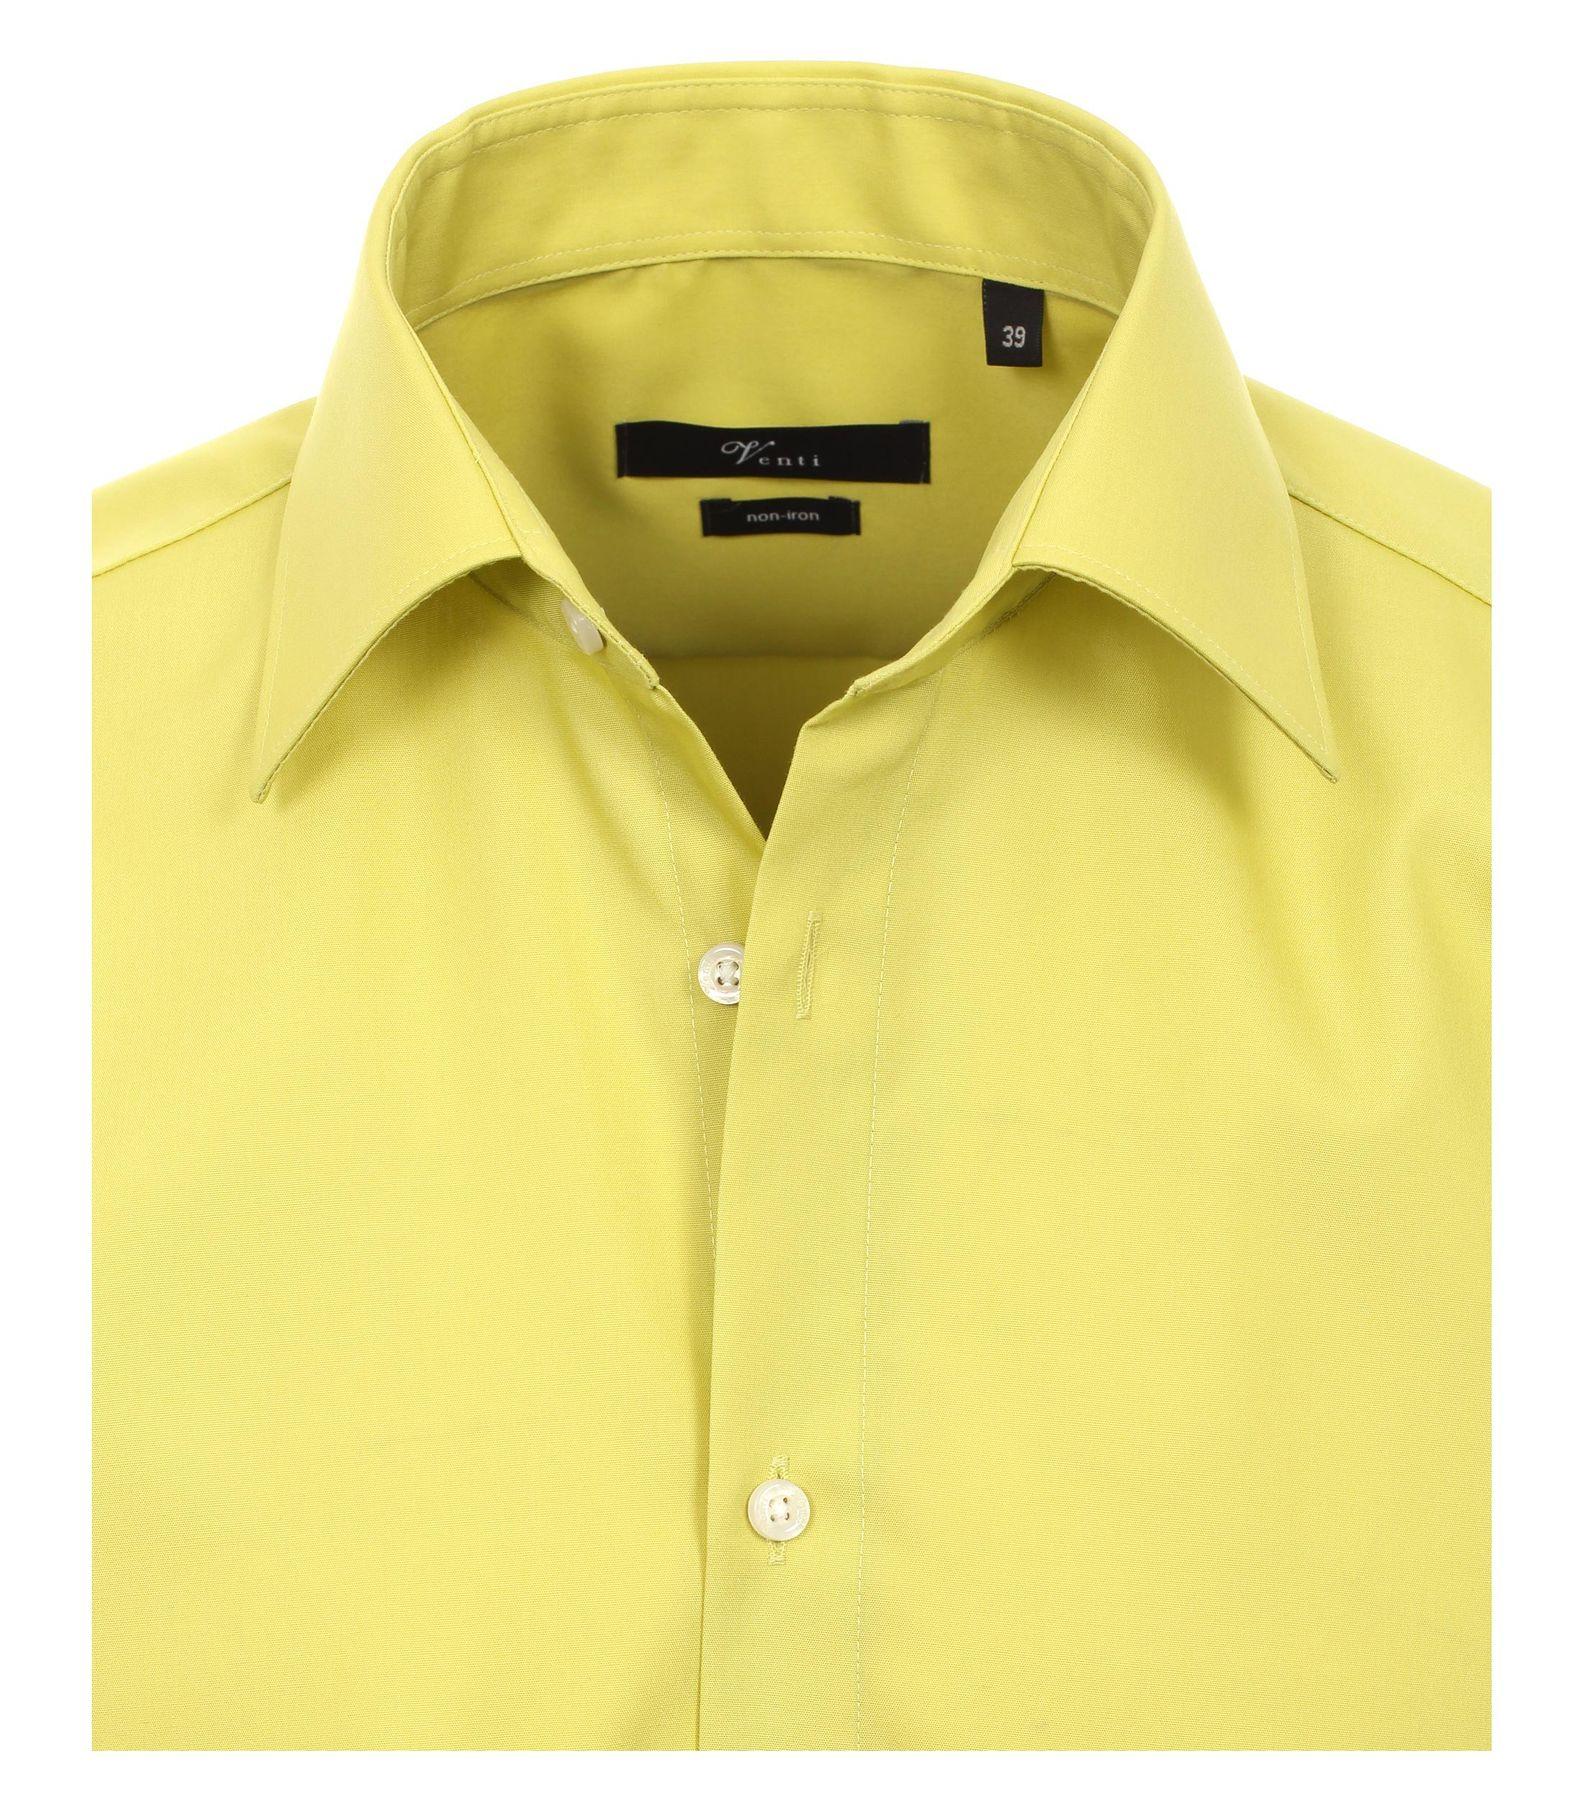 Venti - Slim Fit - Bügelfreies Herren Kurzarm Hemd in diversen Farben (001620 A) – Bild 8